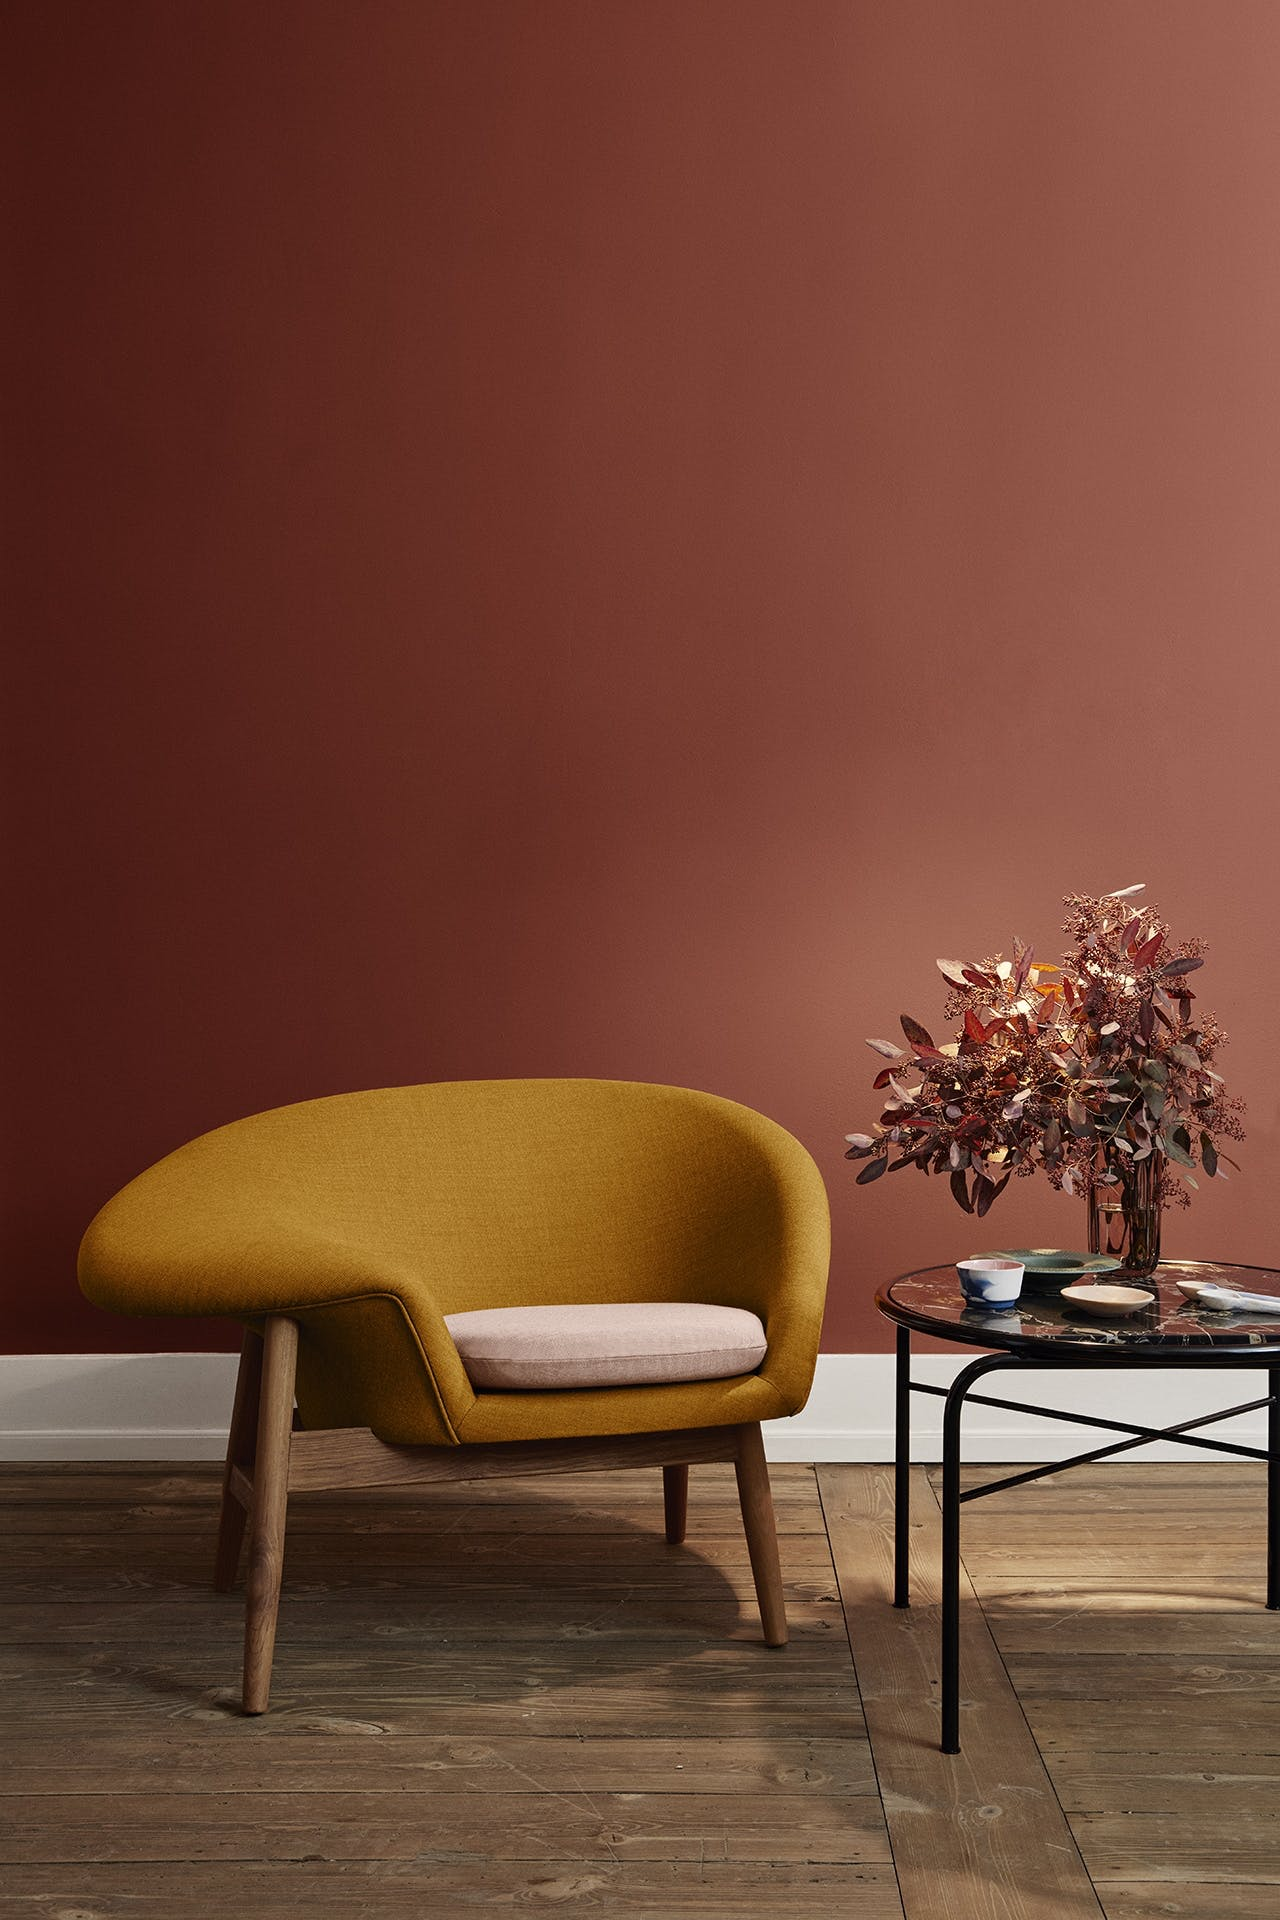 fried egg warm nordic lounge stol nyt brand dansk design